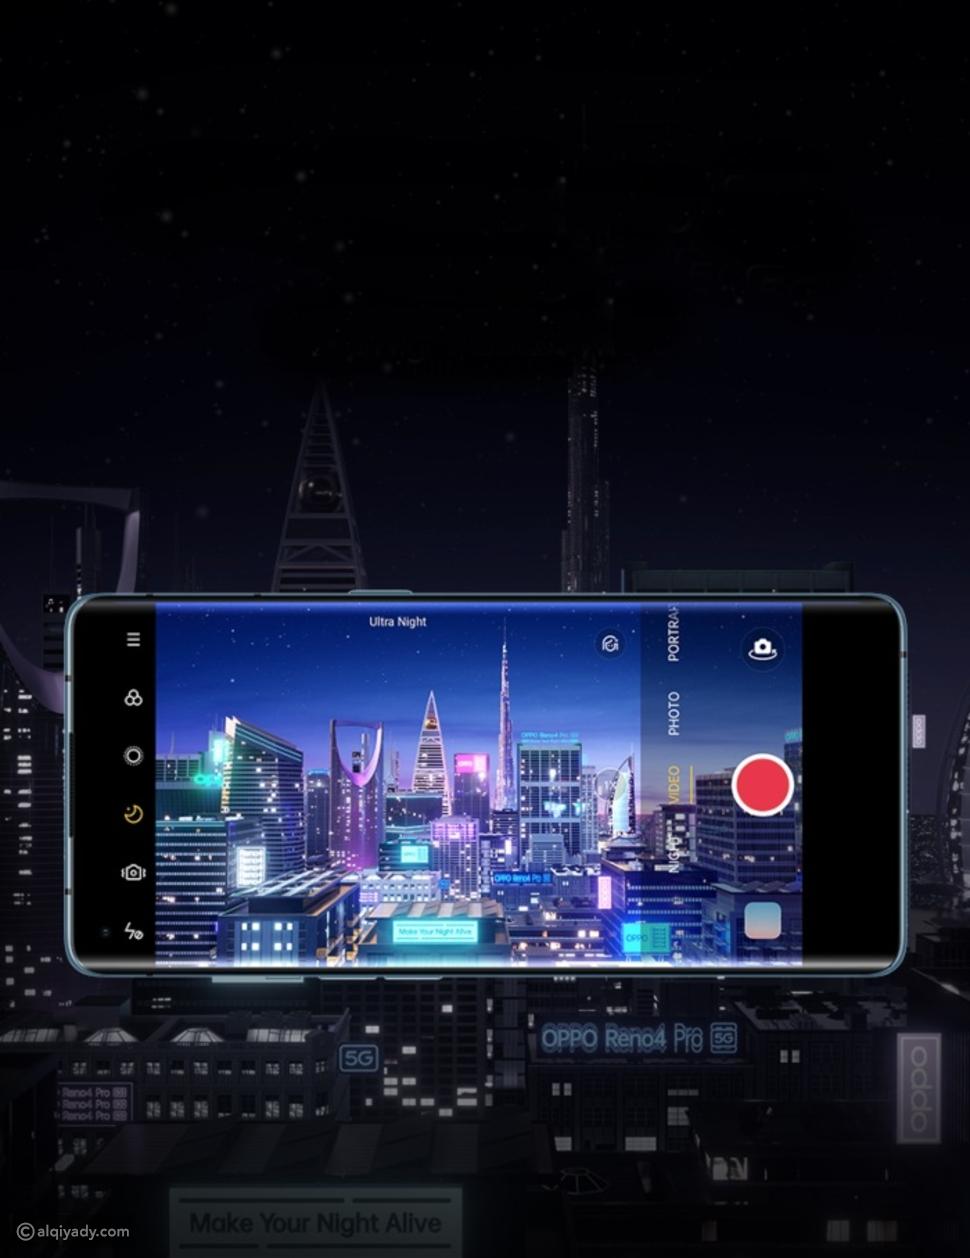 ميزات غير مسبوقة في هاتف رينو4 برو 5G تجعل طلباتك حقيقة في كبسة زر